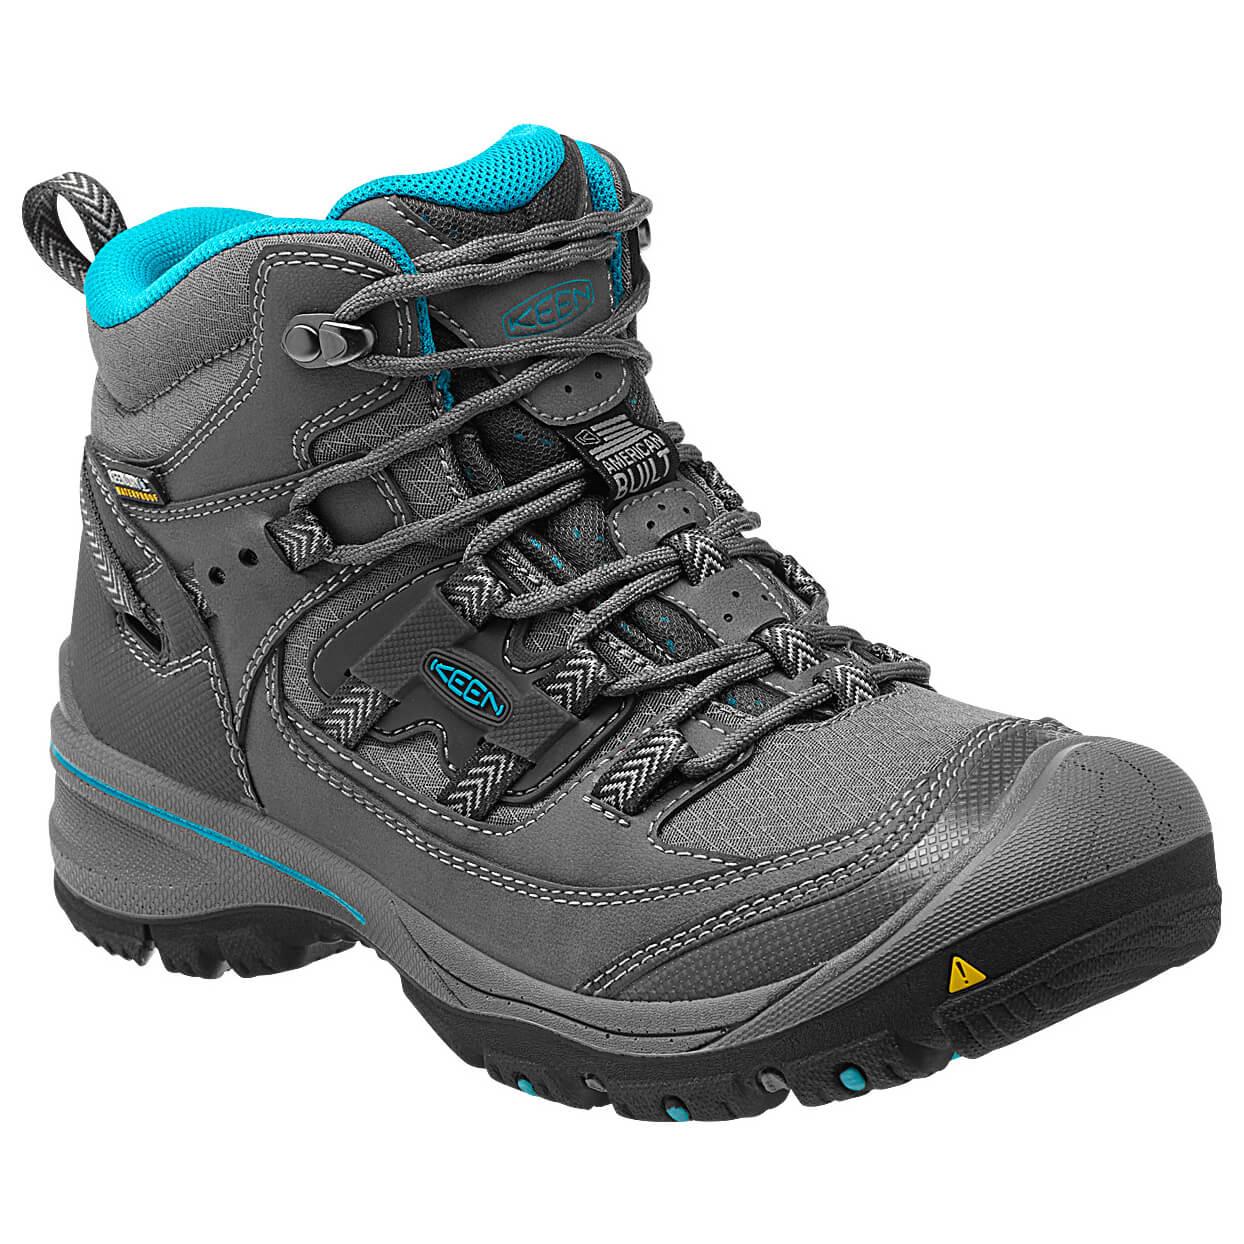 keen logan mid walking boots s buy